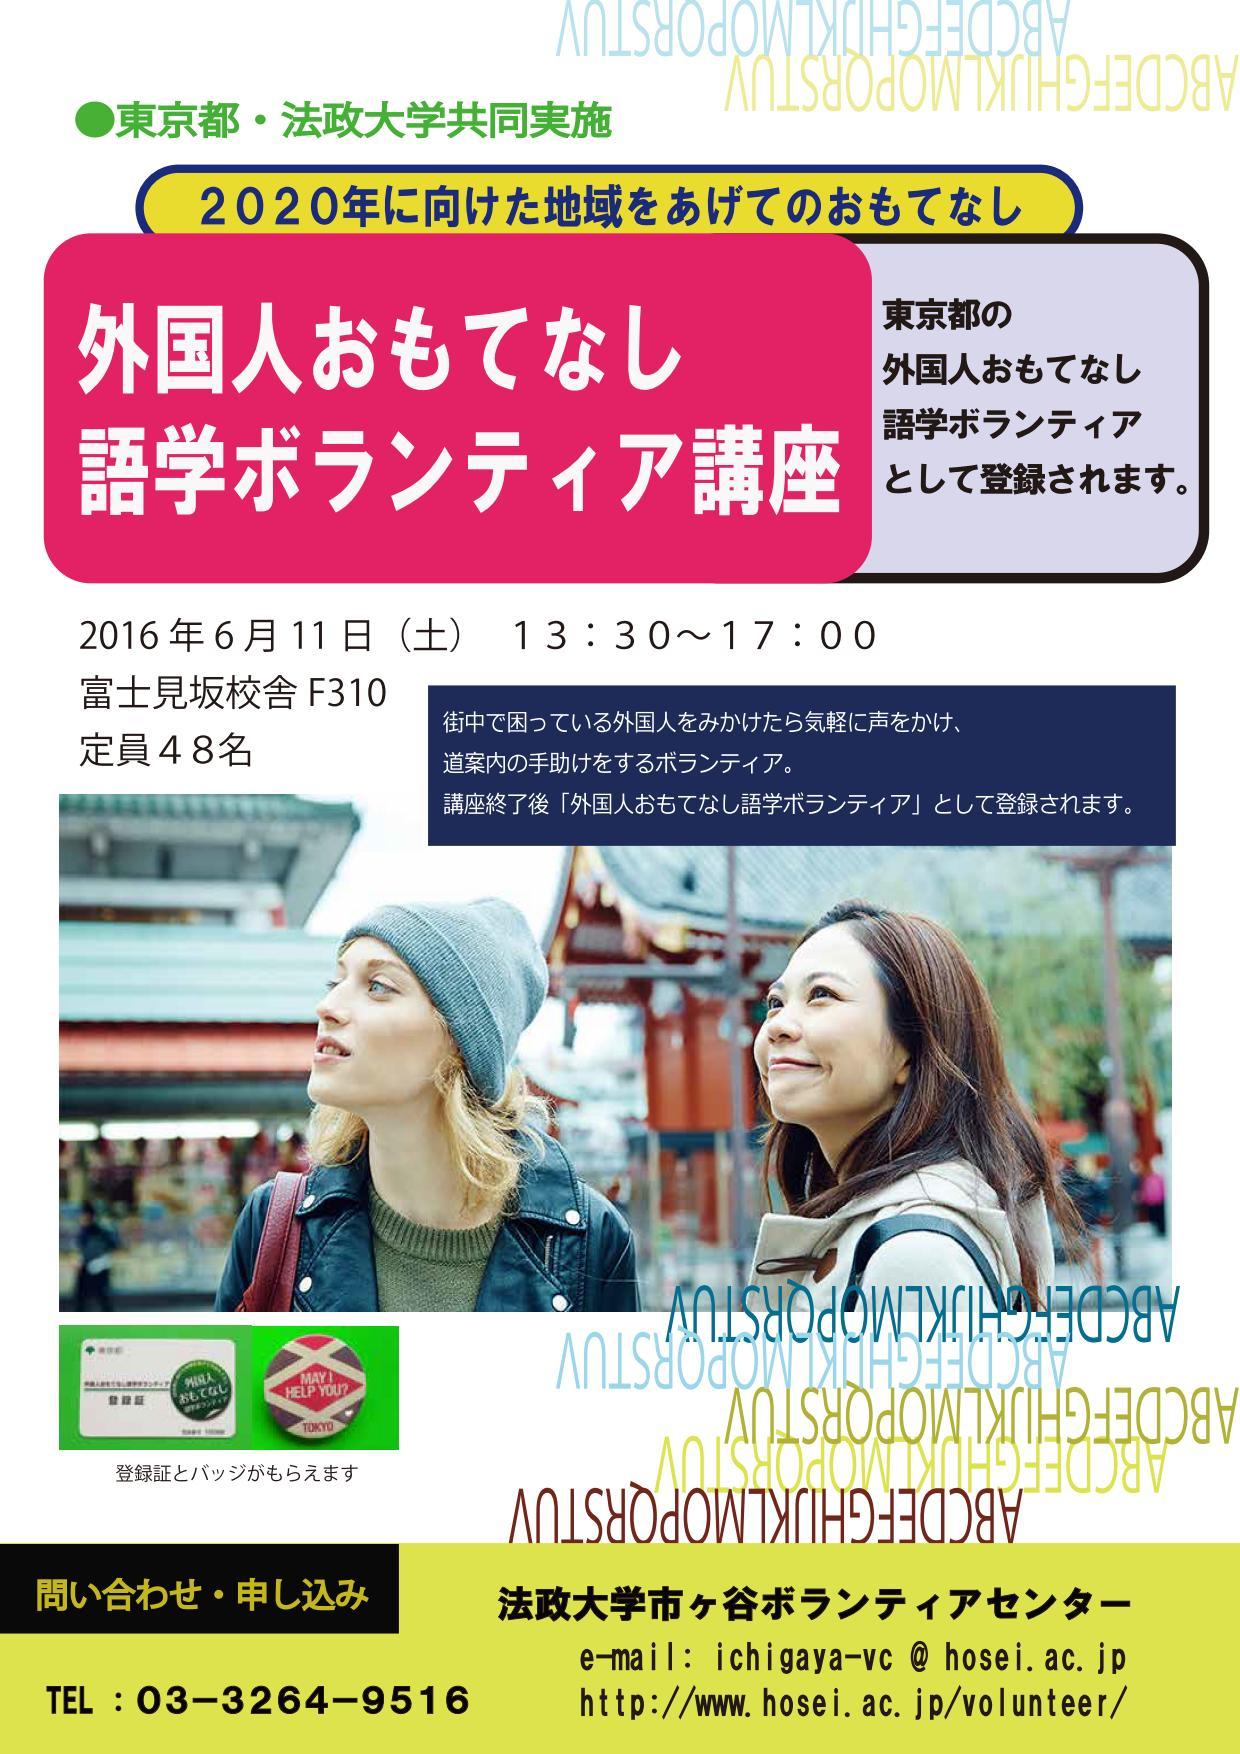 東京都・法政大学共同事業 2020年に向けた地域をあげてのおもてなし -- 「外国人おもてなし語学ボランティア講座」 -- 東京都と大学 初の共同実施